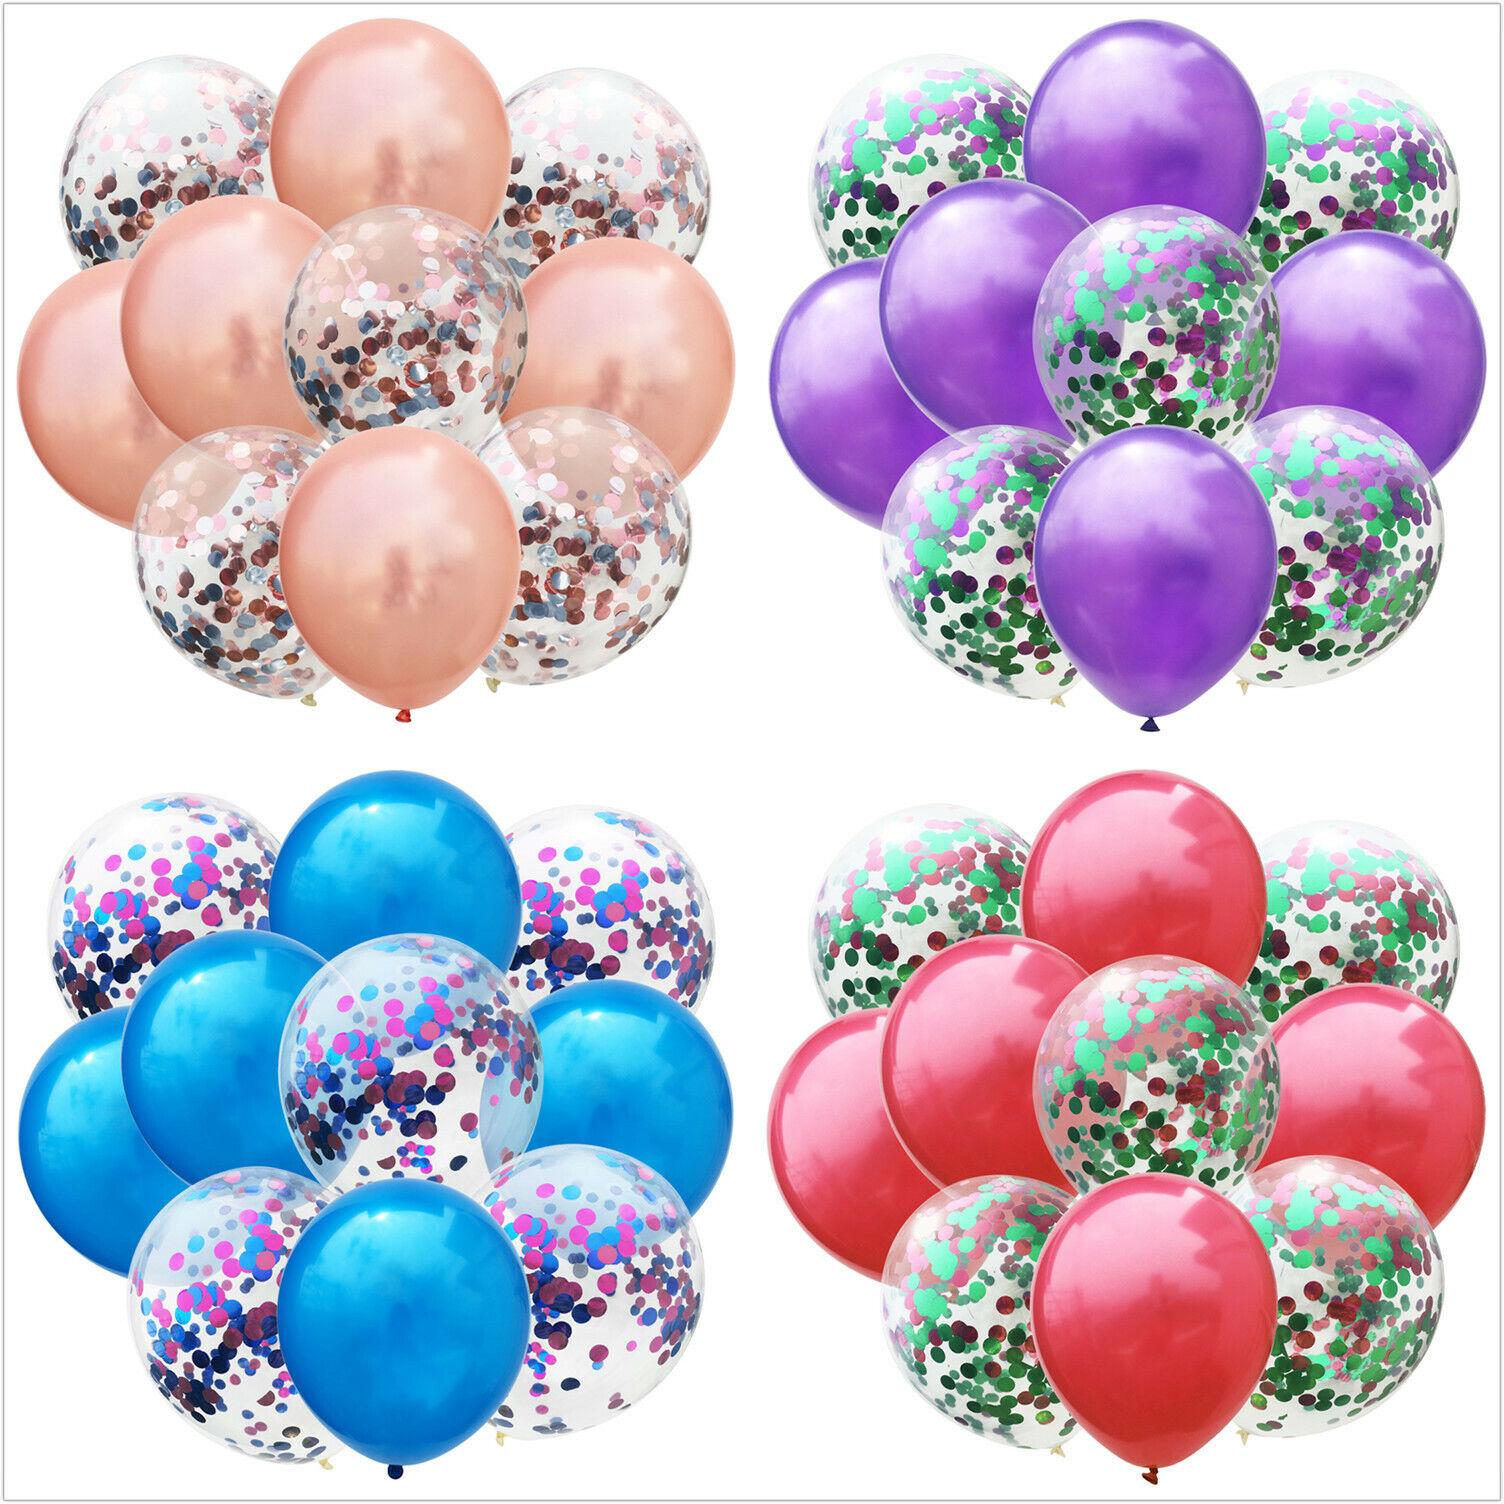 10x Luftballons Set Silber Konfetti Metallic Geburtstag Ballons Party Hochzeit